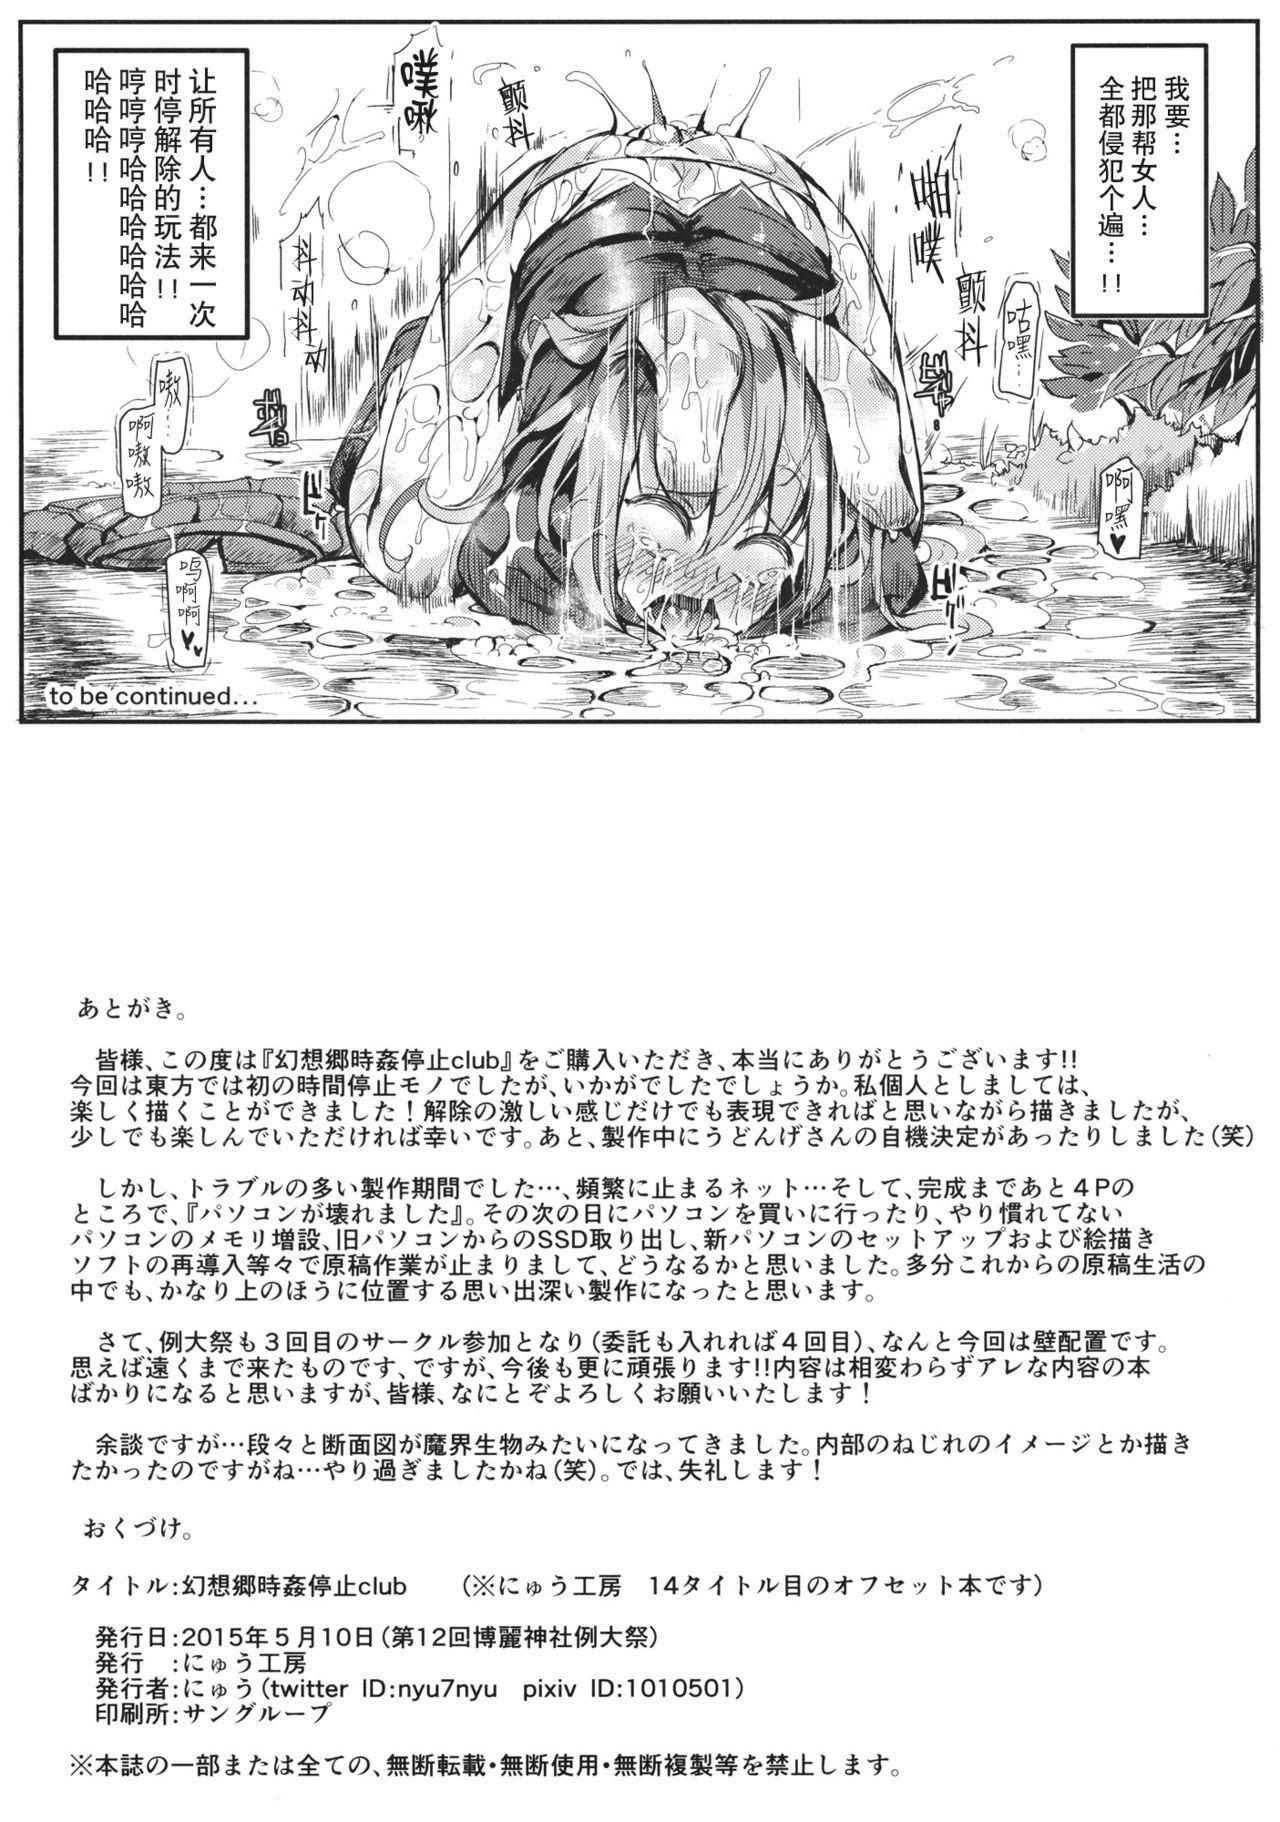 Gensoukyou Jikanteishi club 29